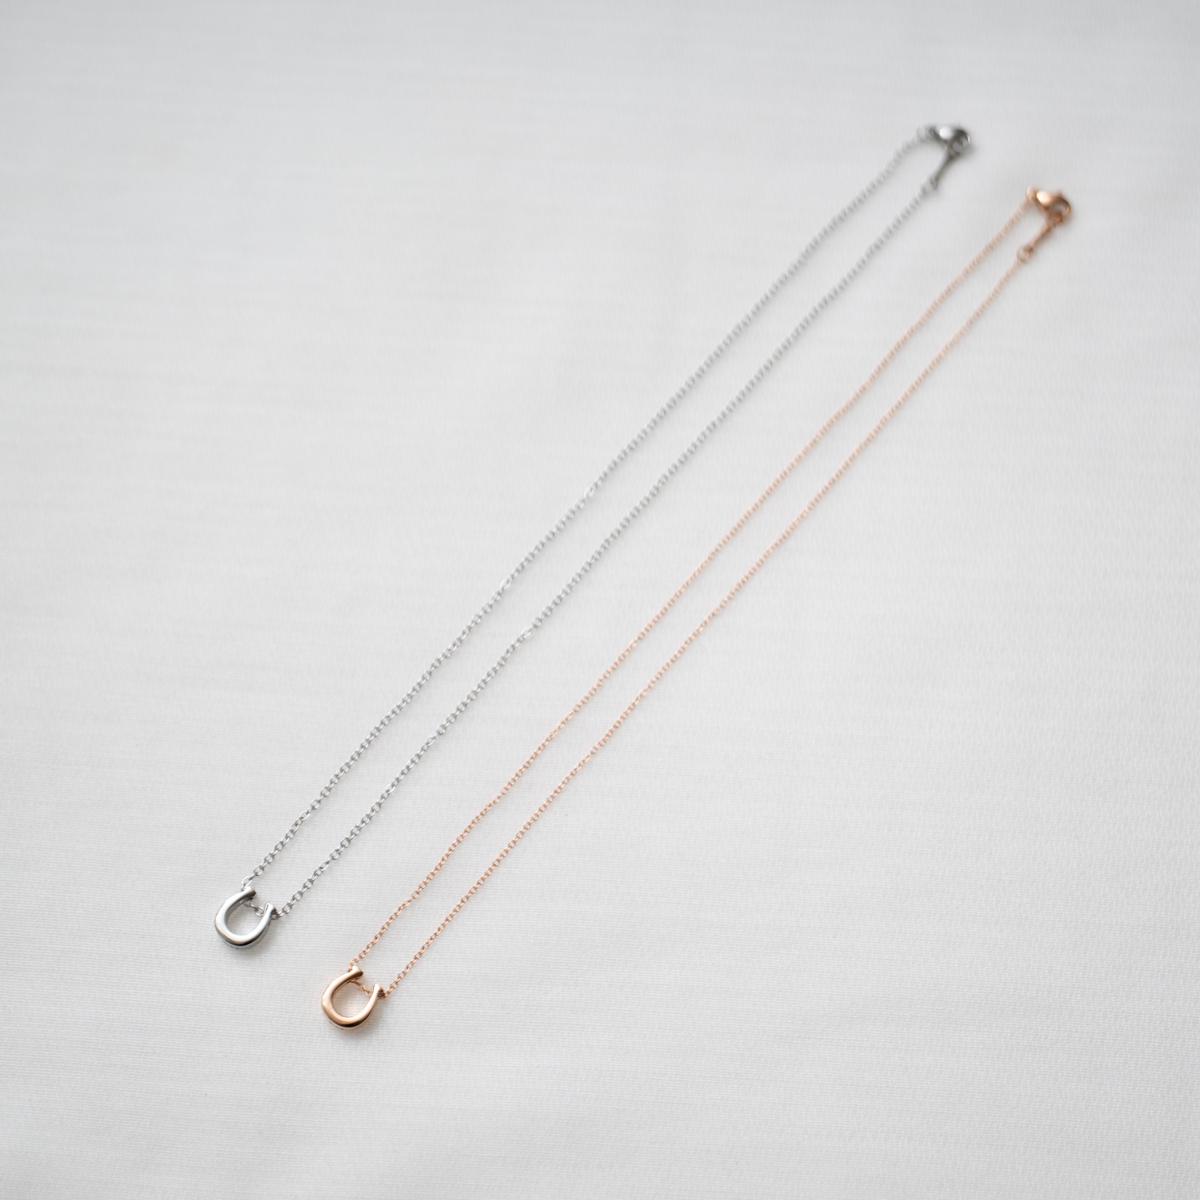 Lauss ペアネックレス つけっぱなしok 刻印無料 ホースシュー イニシャル・記念日彫刻 ステンレス ペアペンダント 【メール便対応】 opp00056 (正方形パッケージ)mail